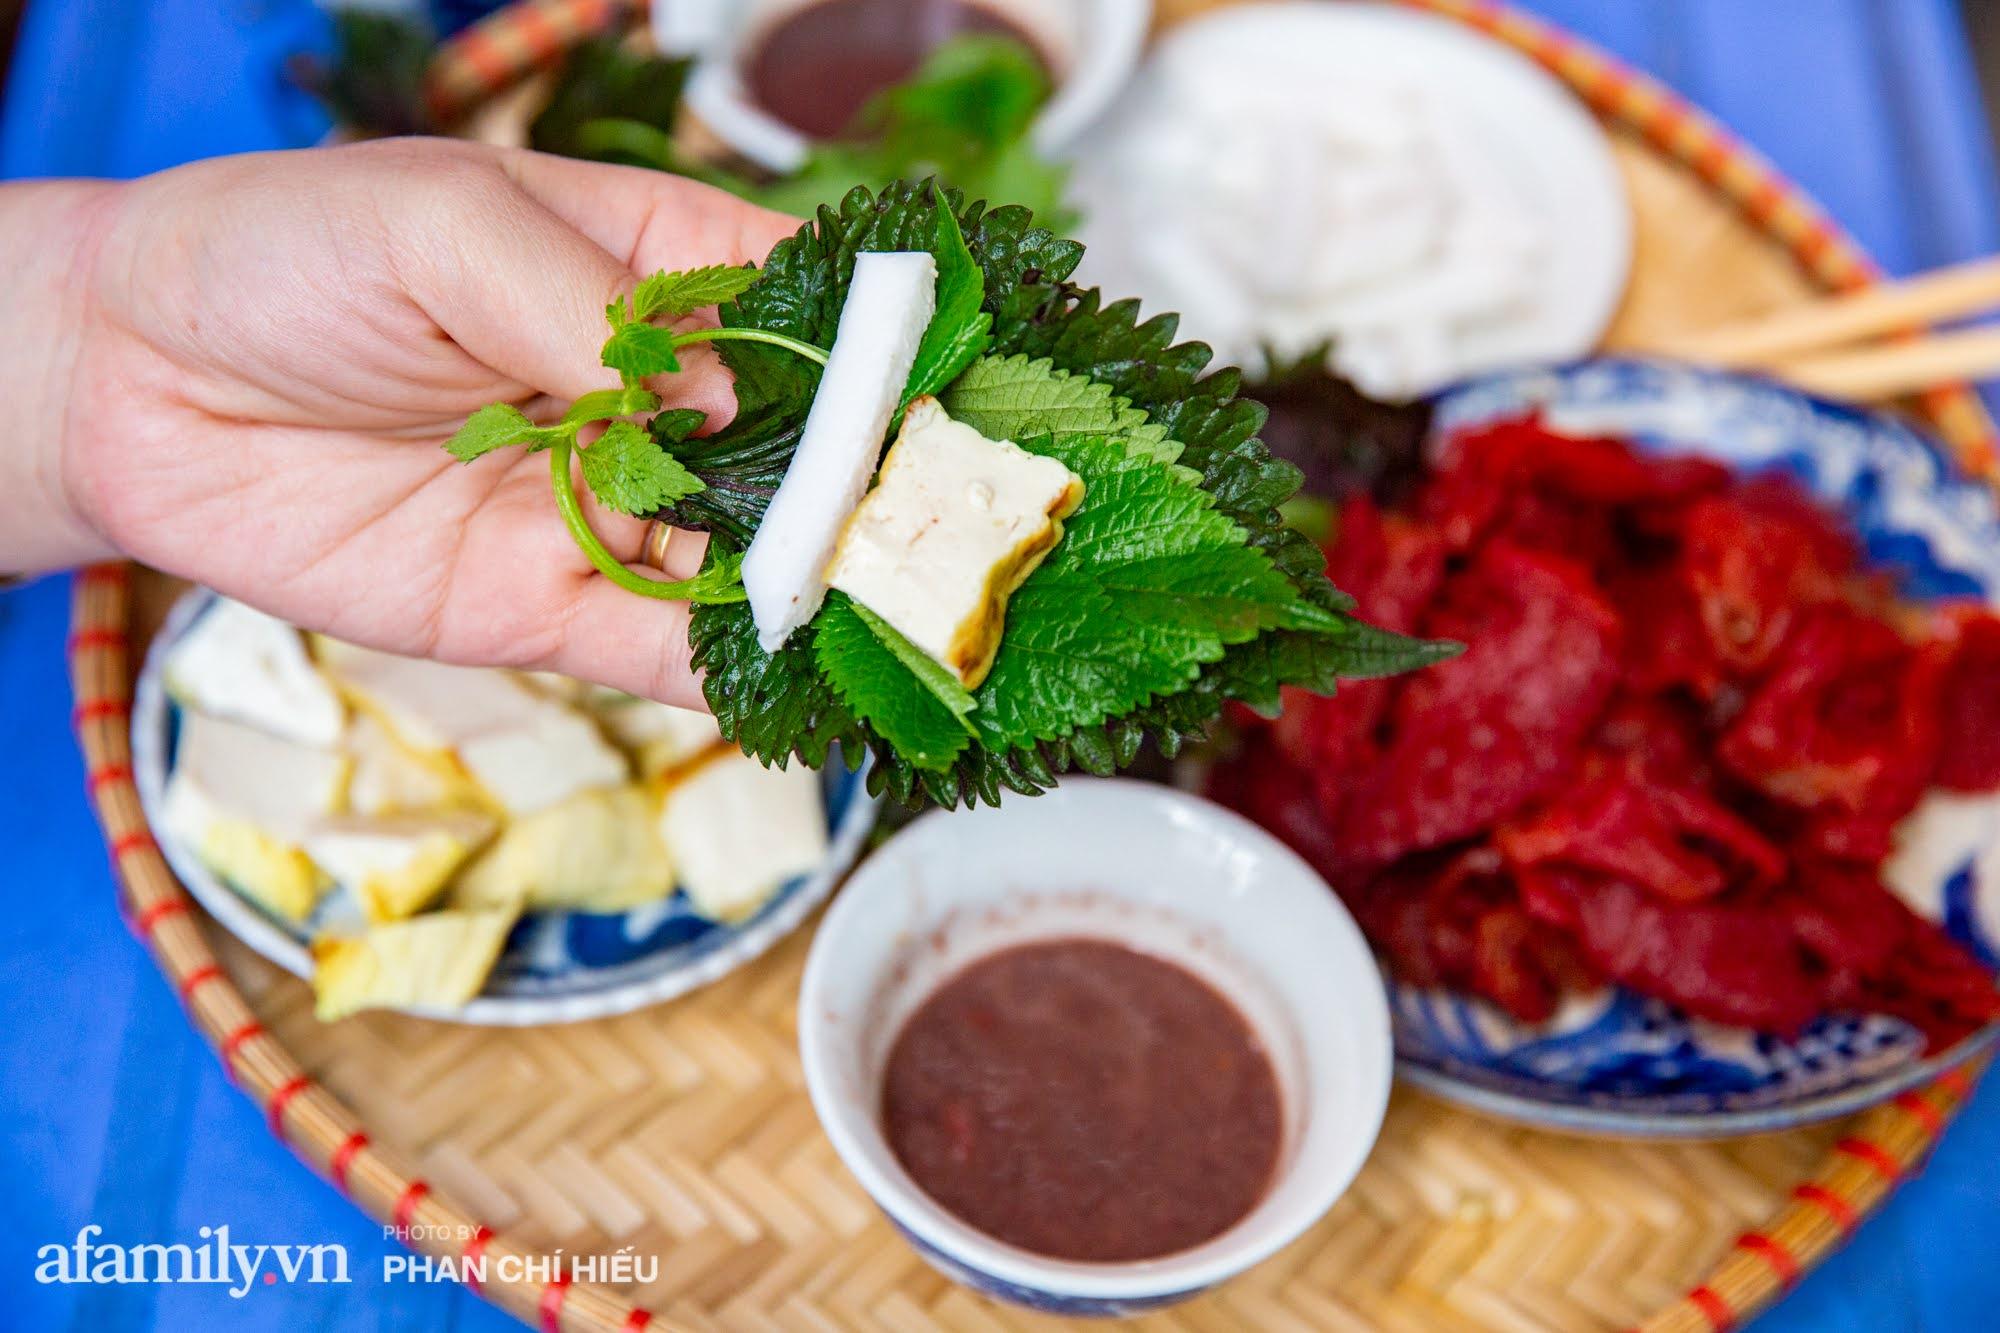 Bà chủ hàng sứa đỏ 3 đời người ở Hà Nội tiết lộ phần ngon nhất của con sứa khi rộ mùa, bật mí chỉ dùng dao tre thay vì dao thép để cắt sứa càng khiến món ăn thêm bí hiểm - Ảnh 7.